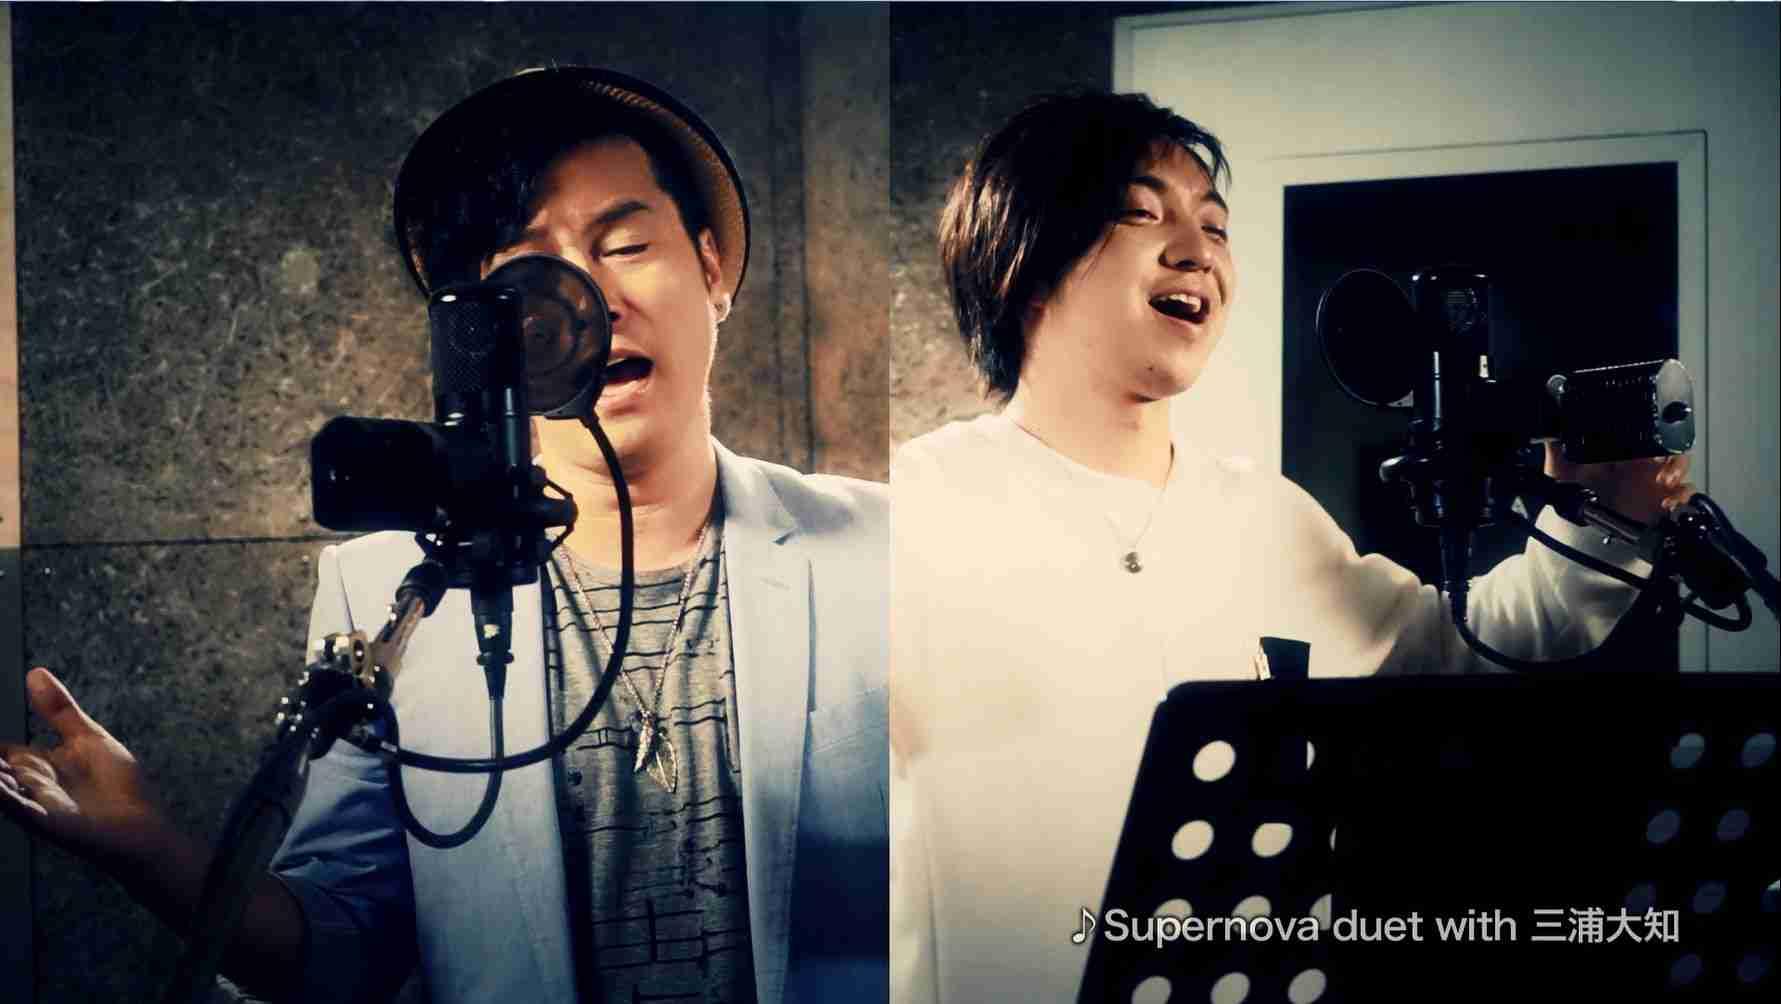 黒沢 薫 『Supernova duet with 三浦大知』『愛とは・・・duet with Ms.OOJA』トレーラー - YouTube